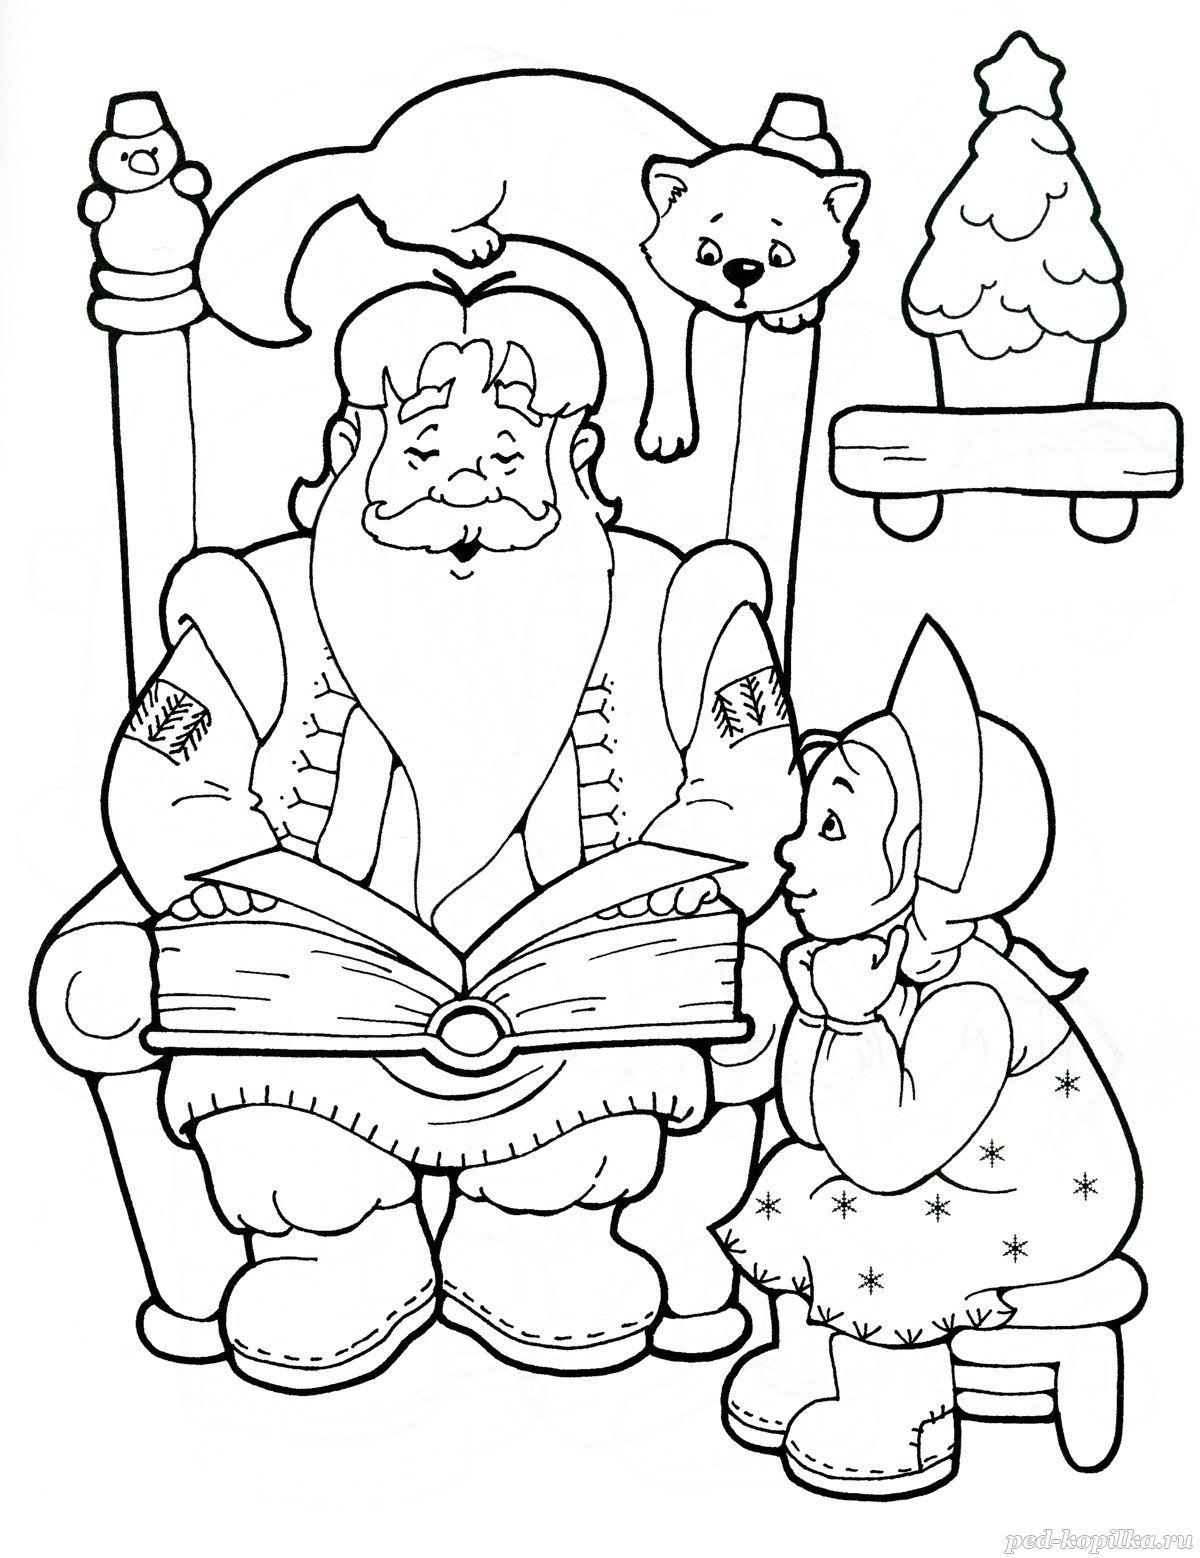 Раскраска Дед Мороз и снегурочка 6